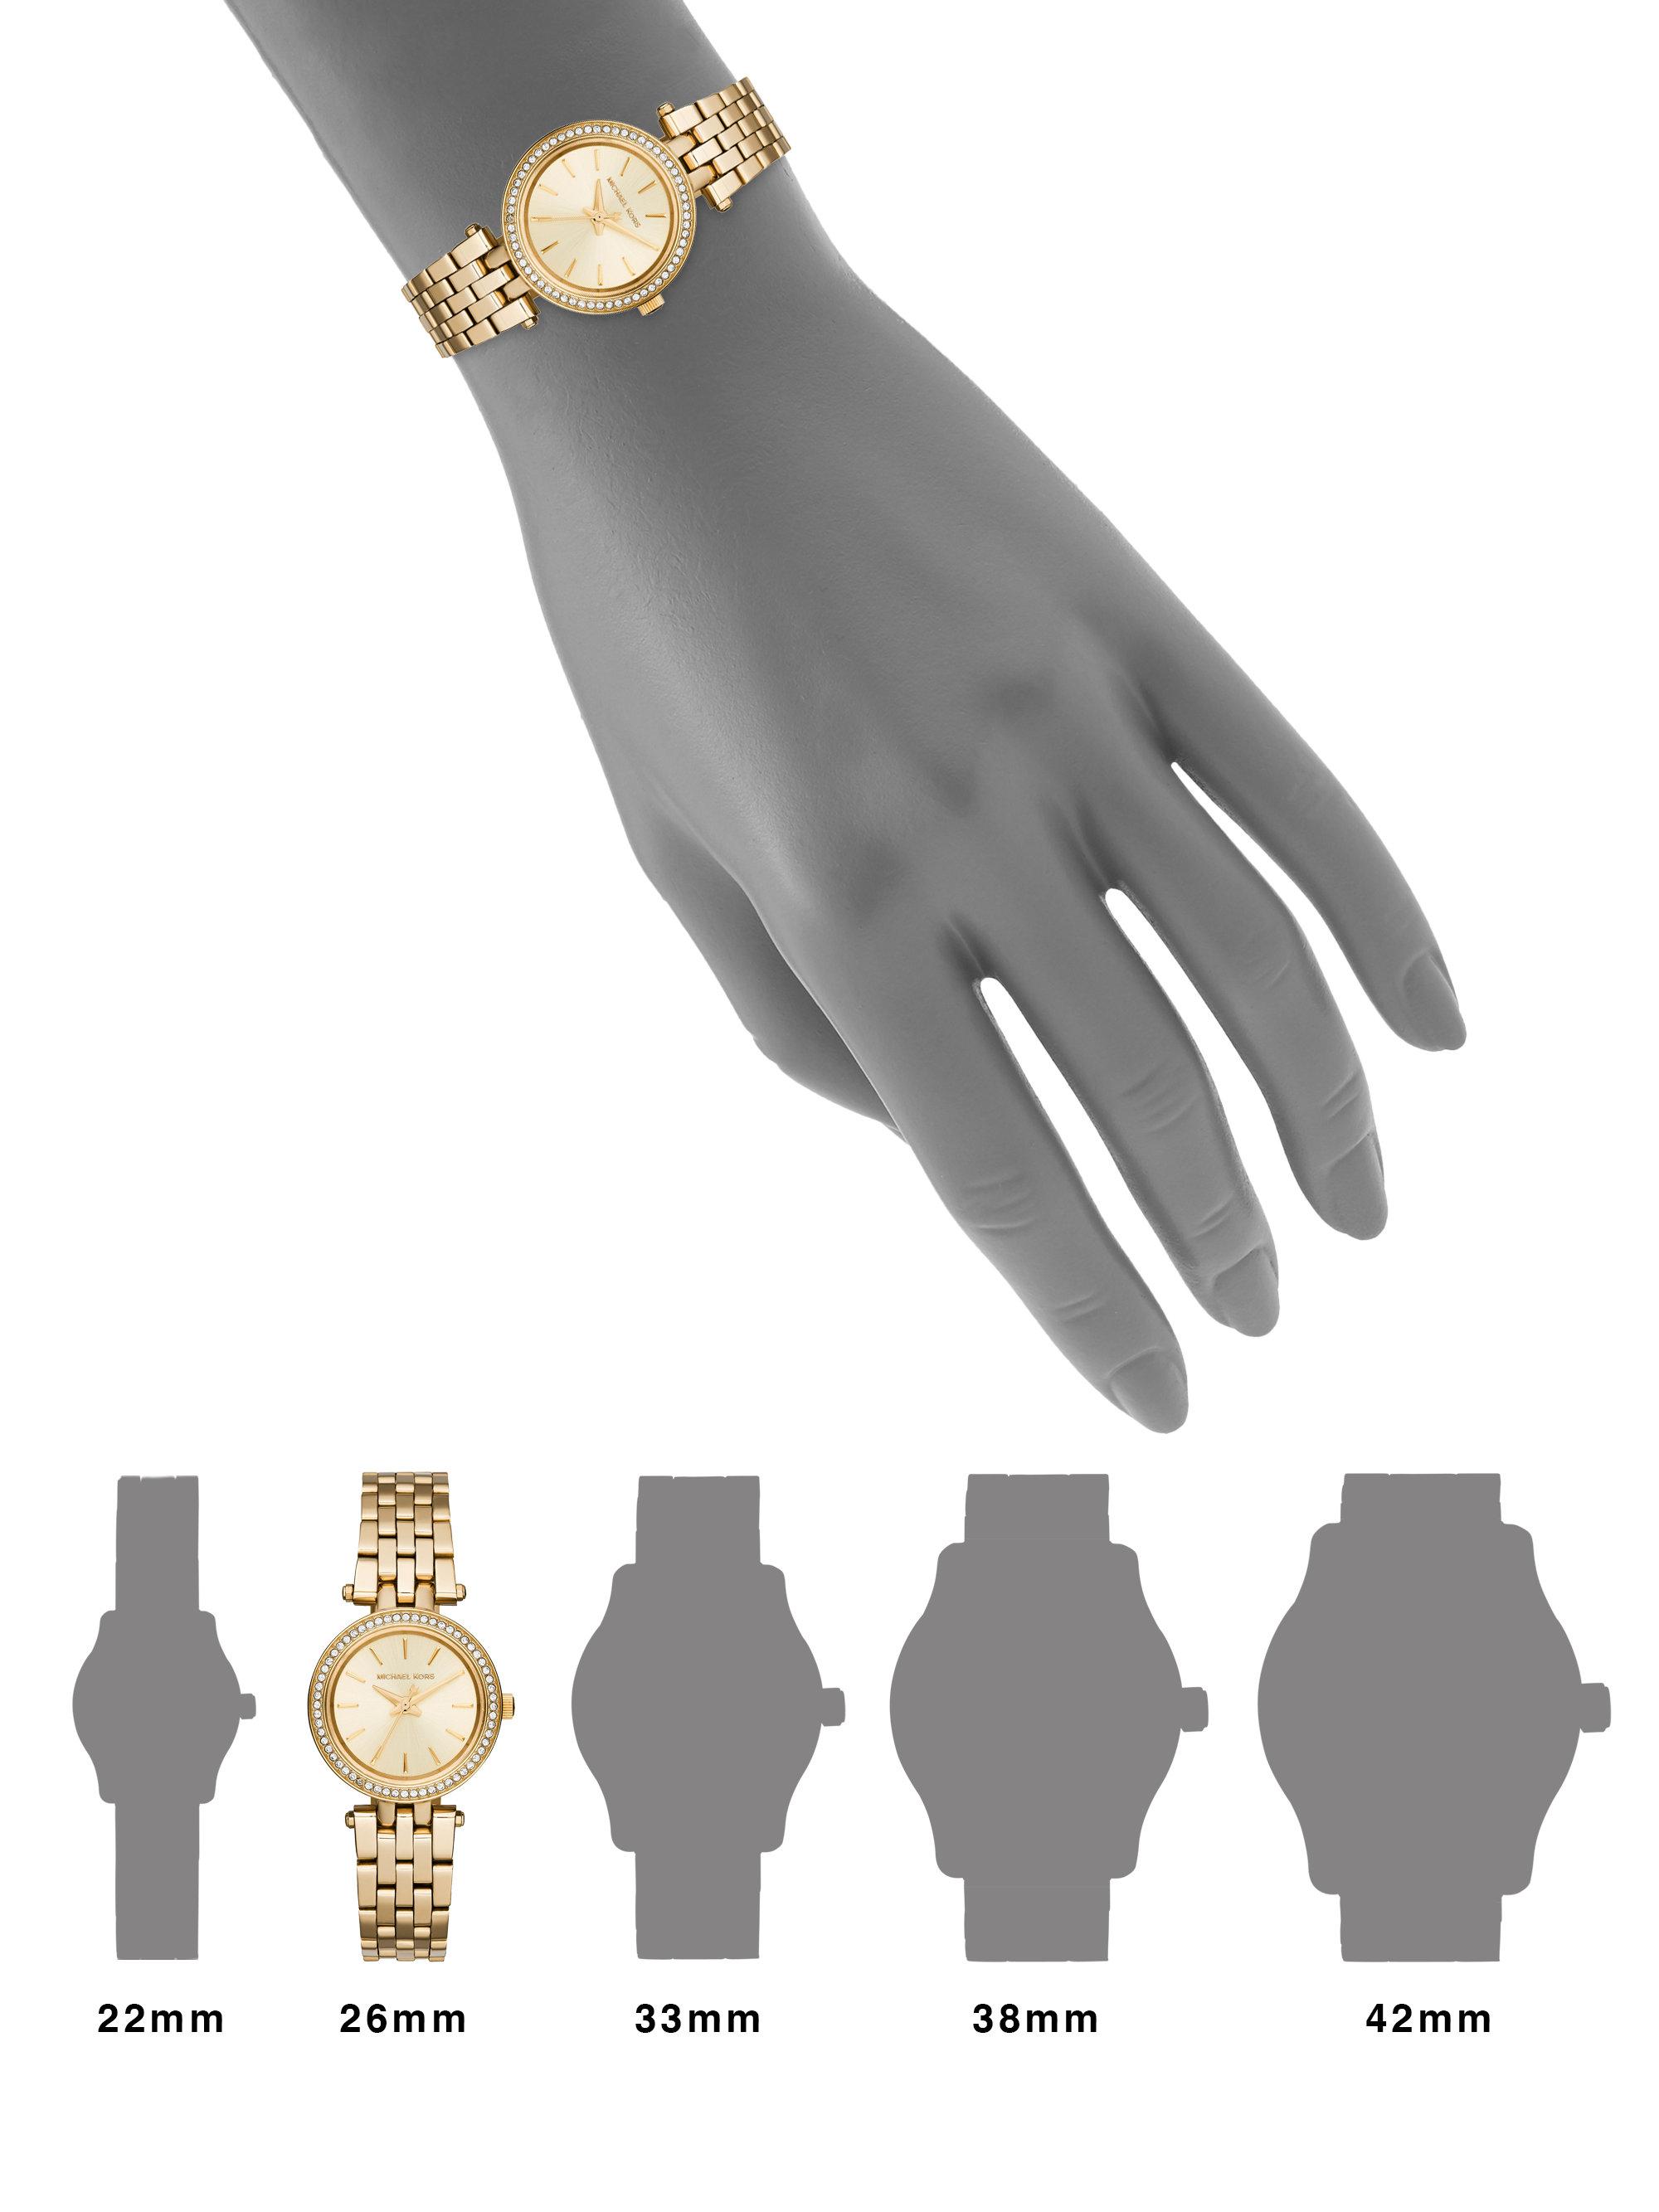 b8b71baecfed Lyst - Michael Kors Darci Petite MK3295 Stainless-Steel Watch in ...